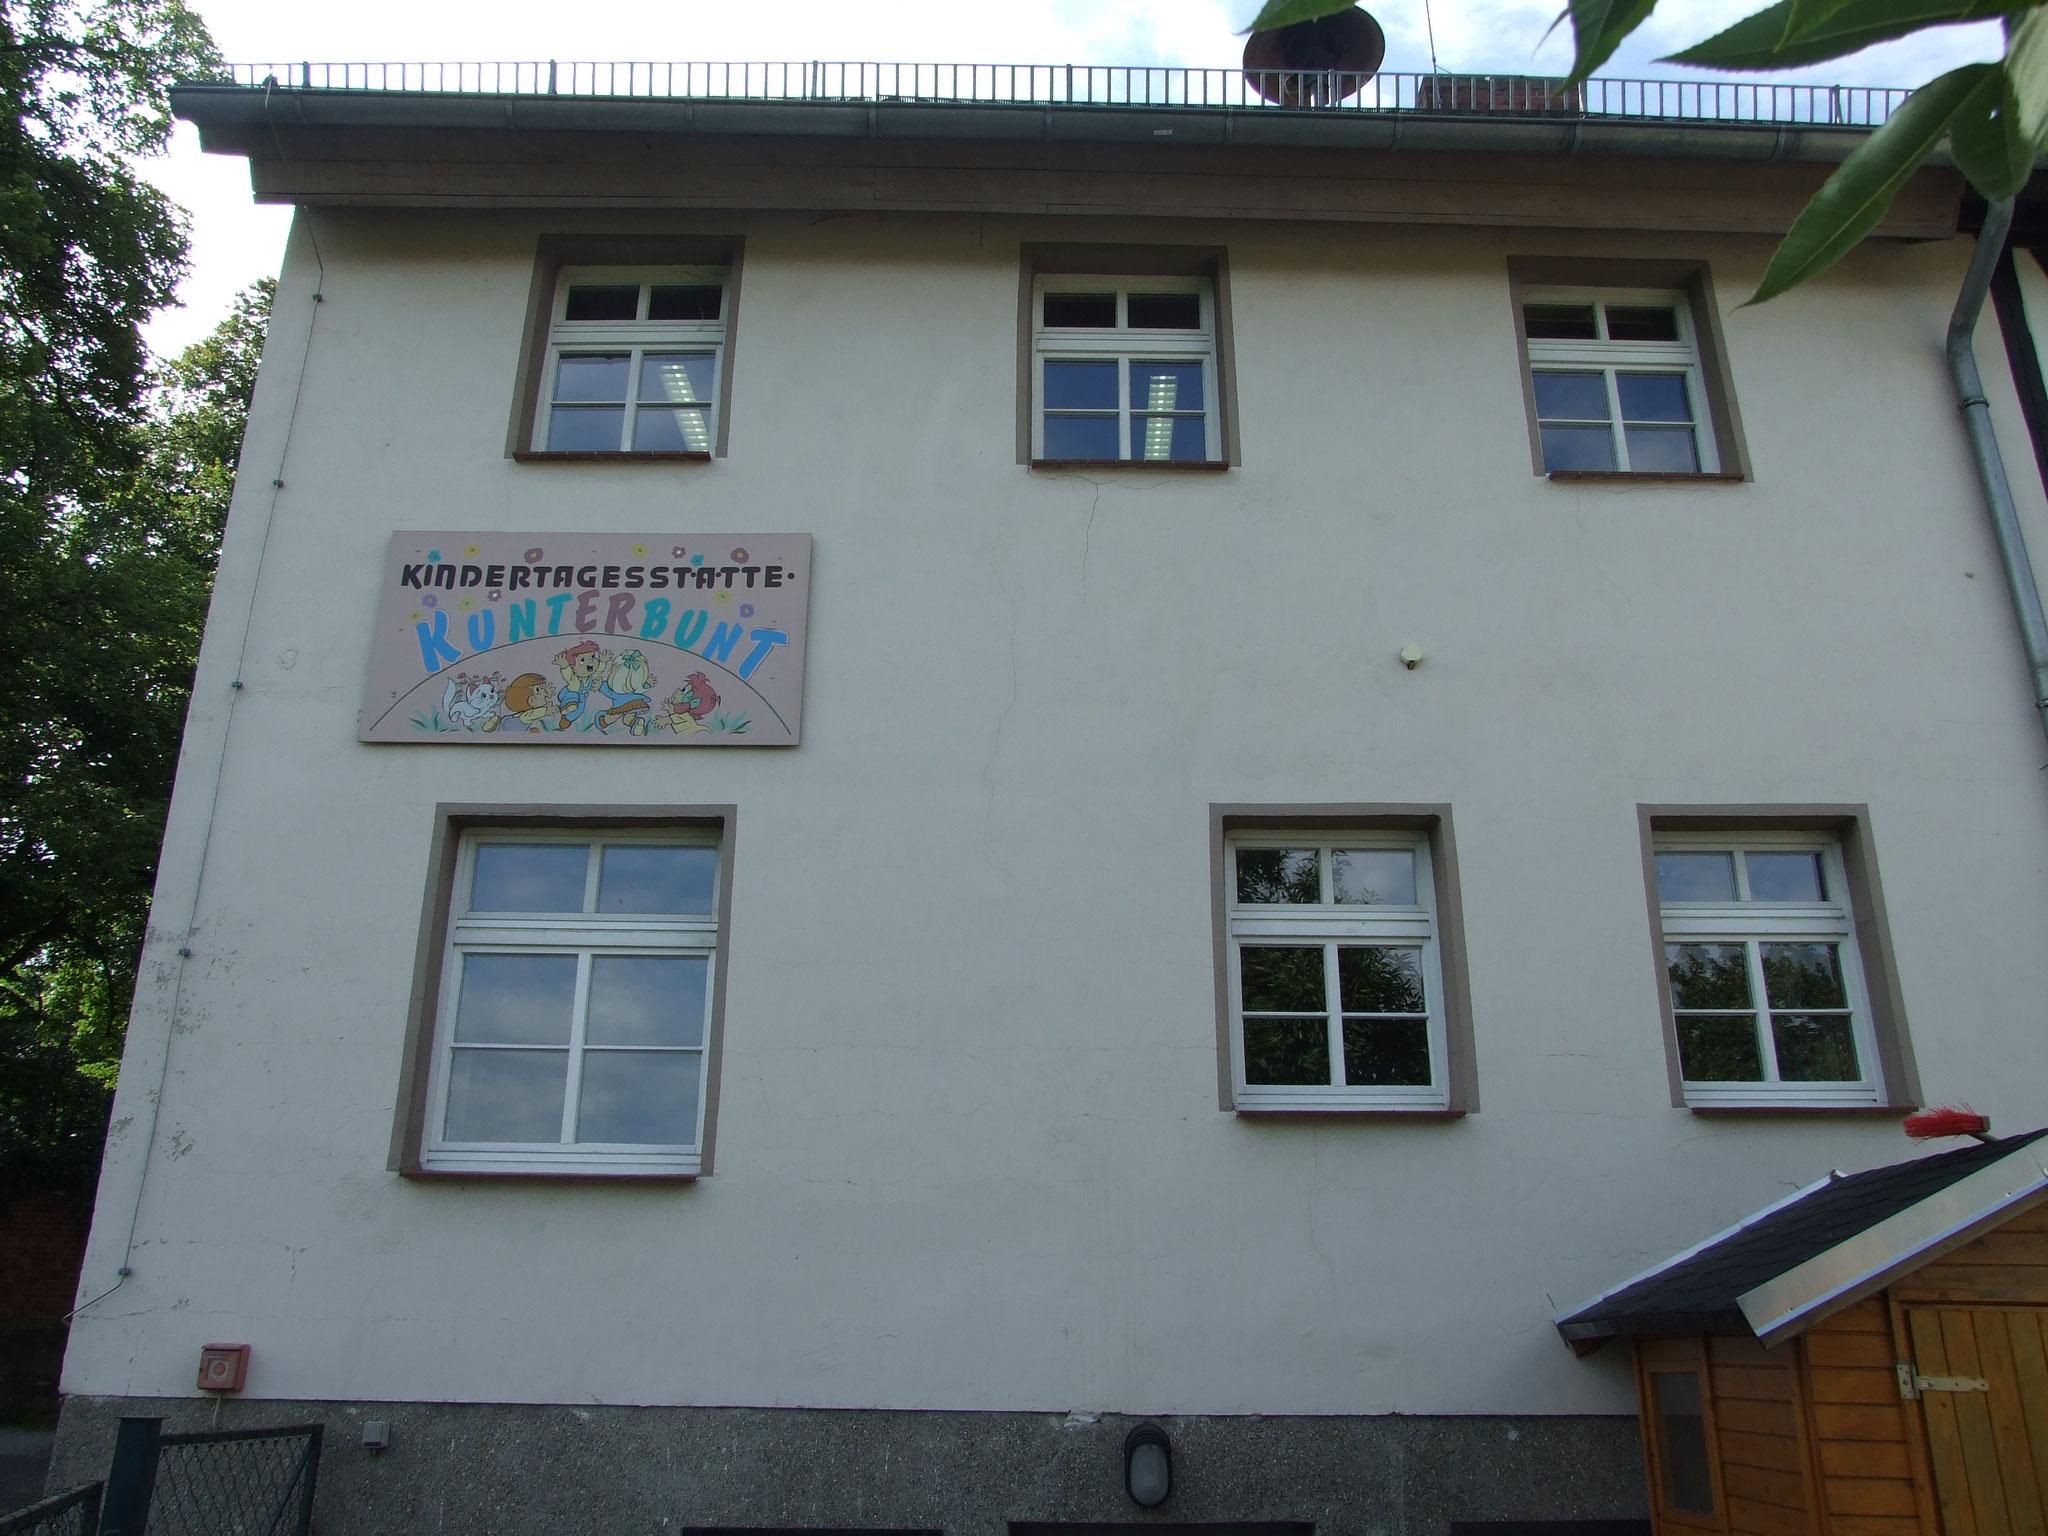 """Kindertagesstätte """"Kunterbunt"""" in Klein Quenstedt"""